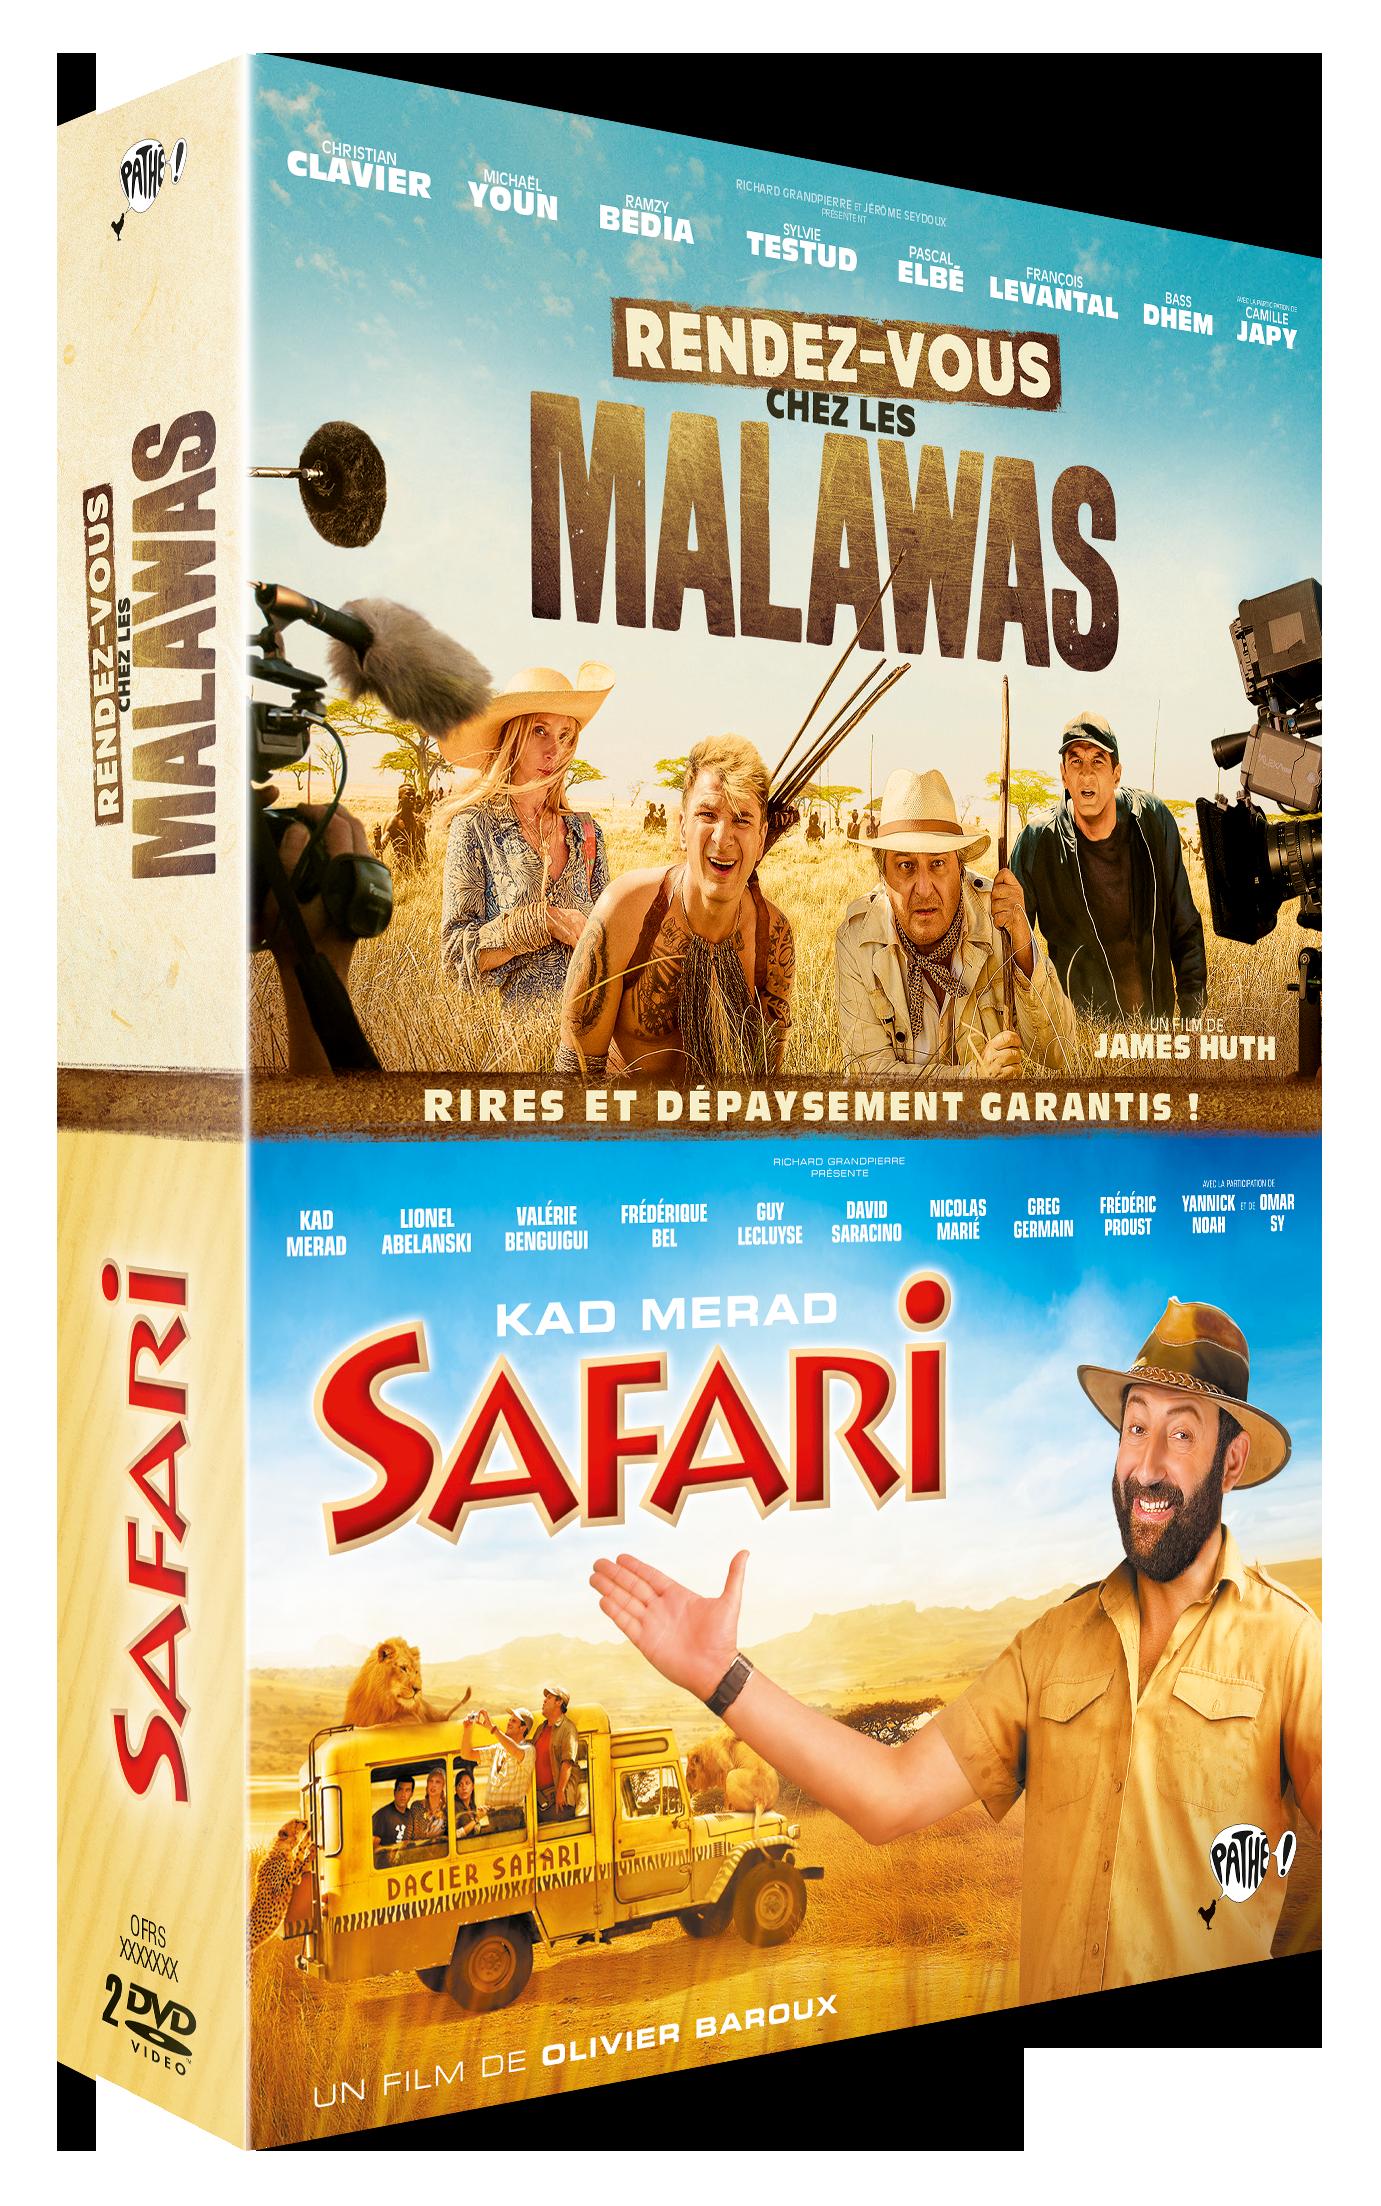 SAFARI + RENDEZ-VOUS CHEZ LES MALAWAS 2DVD